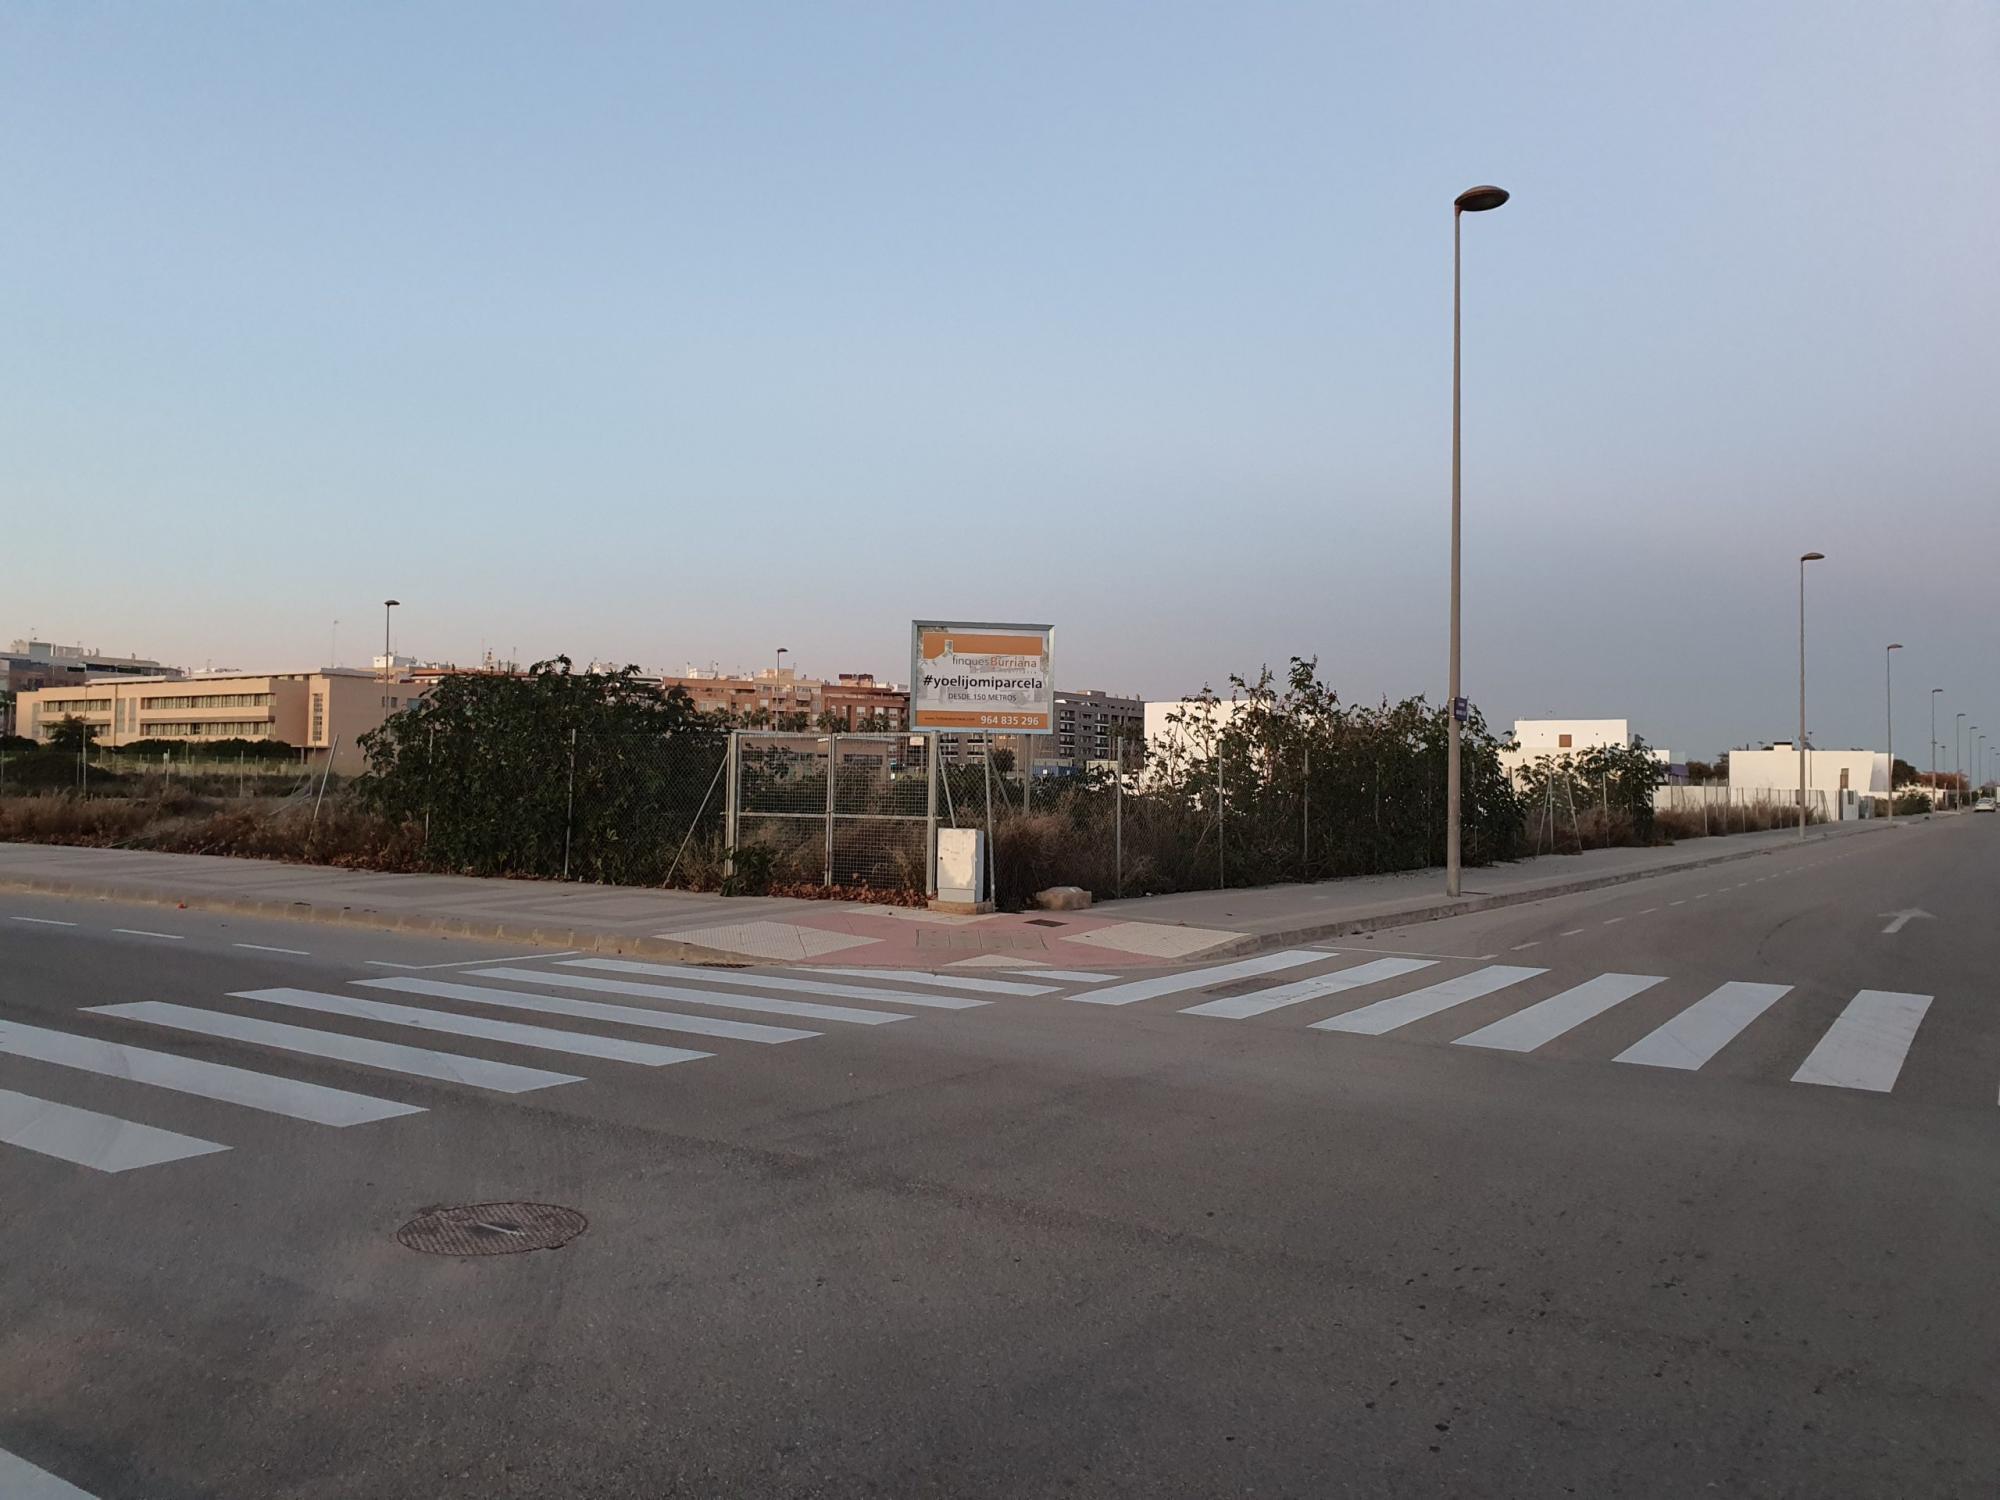 Parcelas en Novenes de Calatrava en Burriana (Castellón) ¡Elige tu parcela!